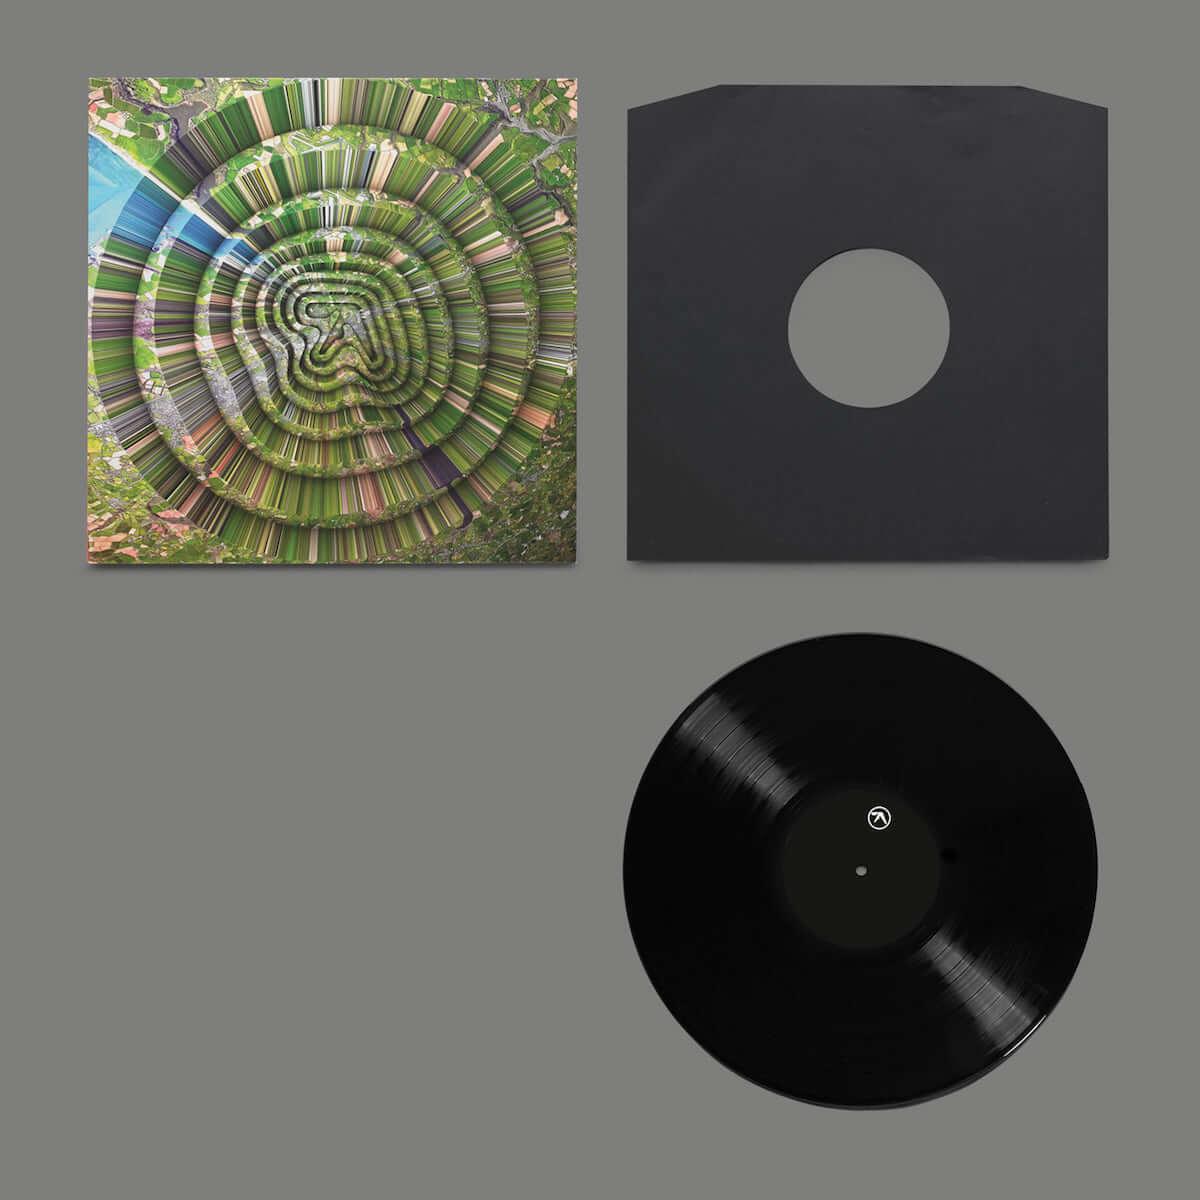 エイフェックス・ツイン『Collapse EP』発売記念!盛り上がり間違いなしのインストアDJイベントがBEAMS RECORDSで開催 aphex-twin-beams-180912_1-1200x1200